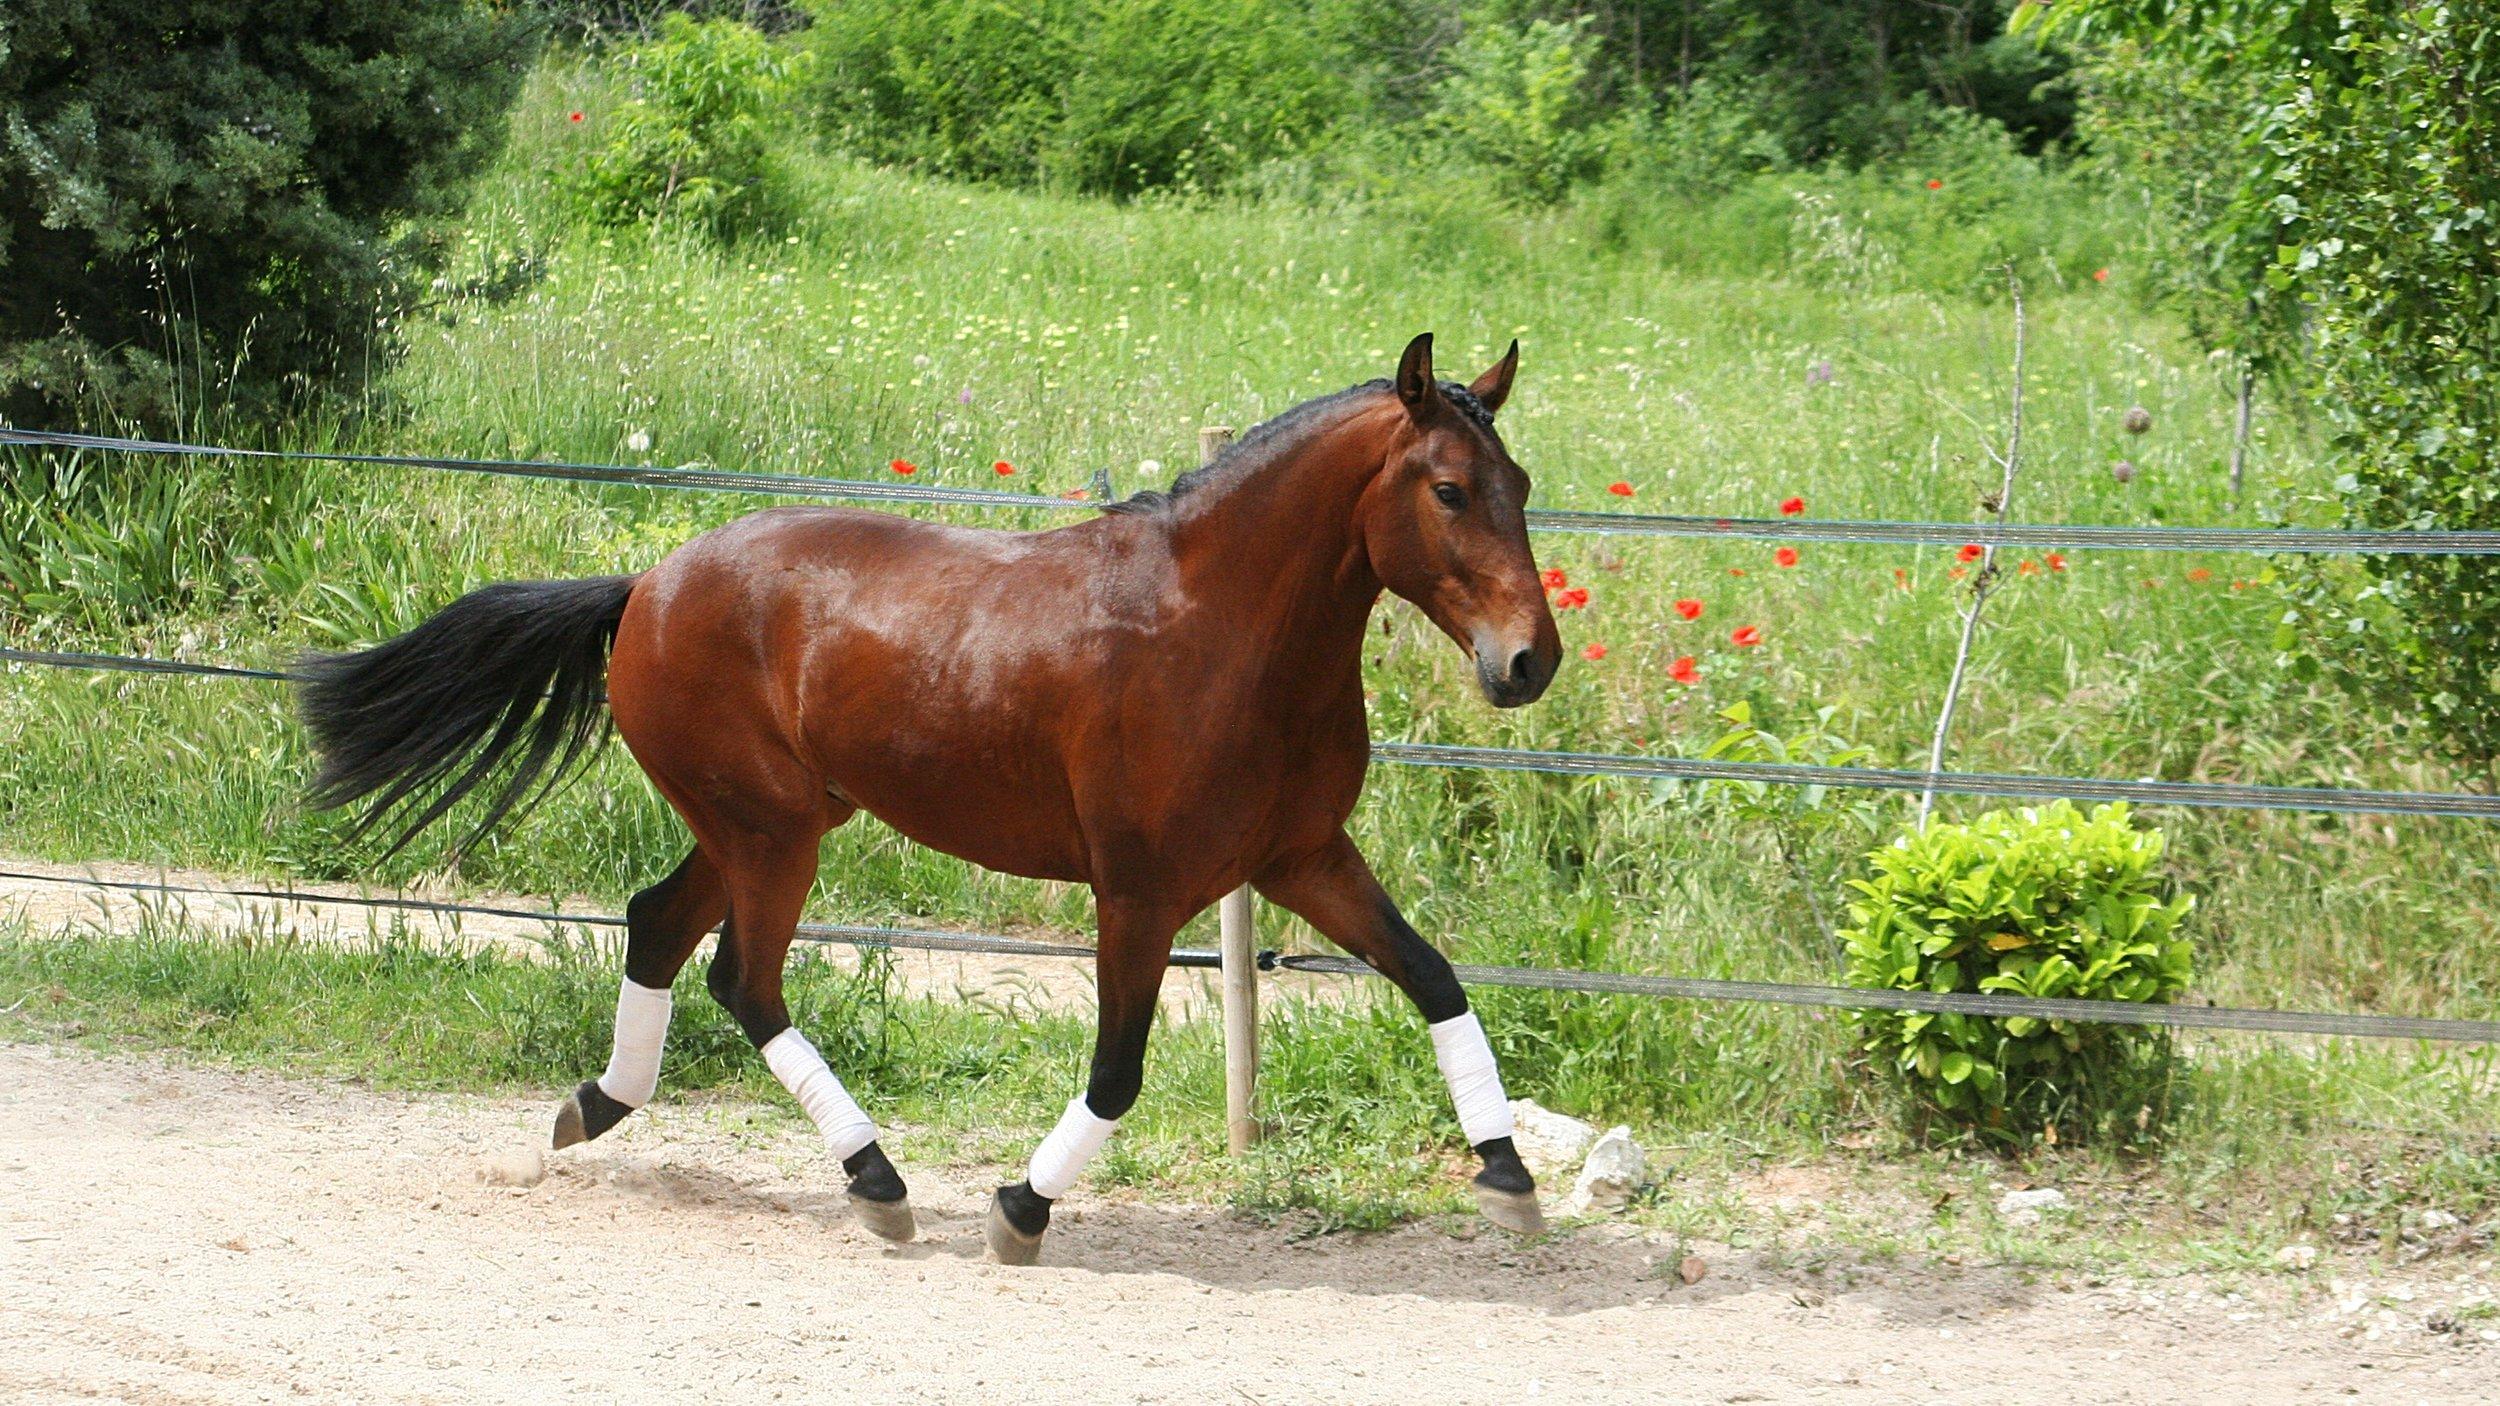 Jupiter Da Cruz - Lusitanien Pure Race PP.BAI.157 cm. 5 ans.Très bonnes origines.Provient de l'élevage, Luis Filipe Pereira Cruz.Du coté de son père, on retrouve la lignée MASSA, avec V-Ohara font et Galopin de la font.Un jeune cheval prometteur.Jupiter Da Cruz, est un très bon cheval extérieur avec une forte prédisposition pour le dressage classique ou de l'équitation de travail.Un jeune cheval très affectueux et proche de l'homme.Facile à vivre.Il possède une grande qualité d'énergie.Un cheval en avant, avec de beaux mouvements dans ses allures.Un cheval sensible à l'assiette.A venir voir absolument.